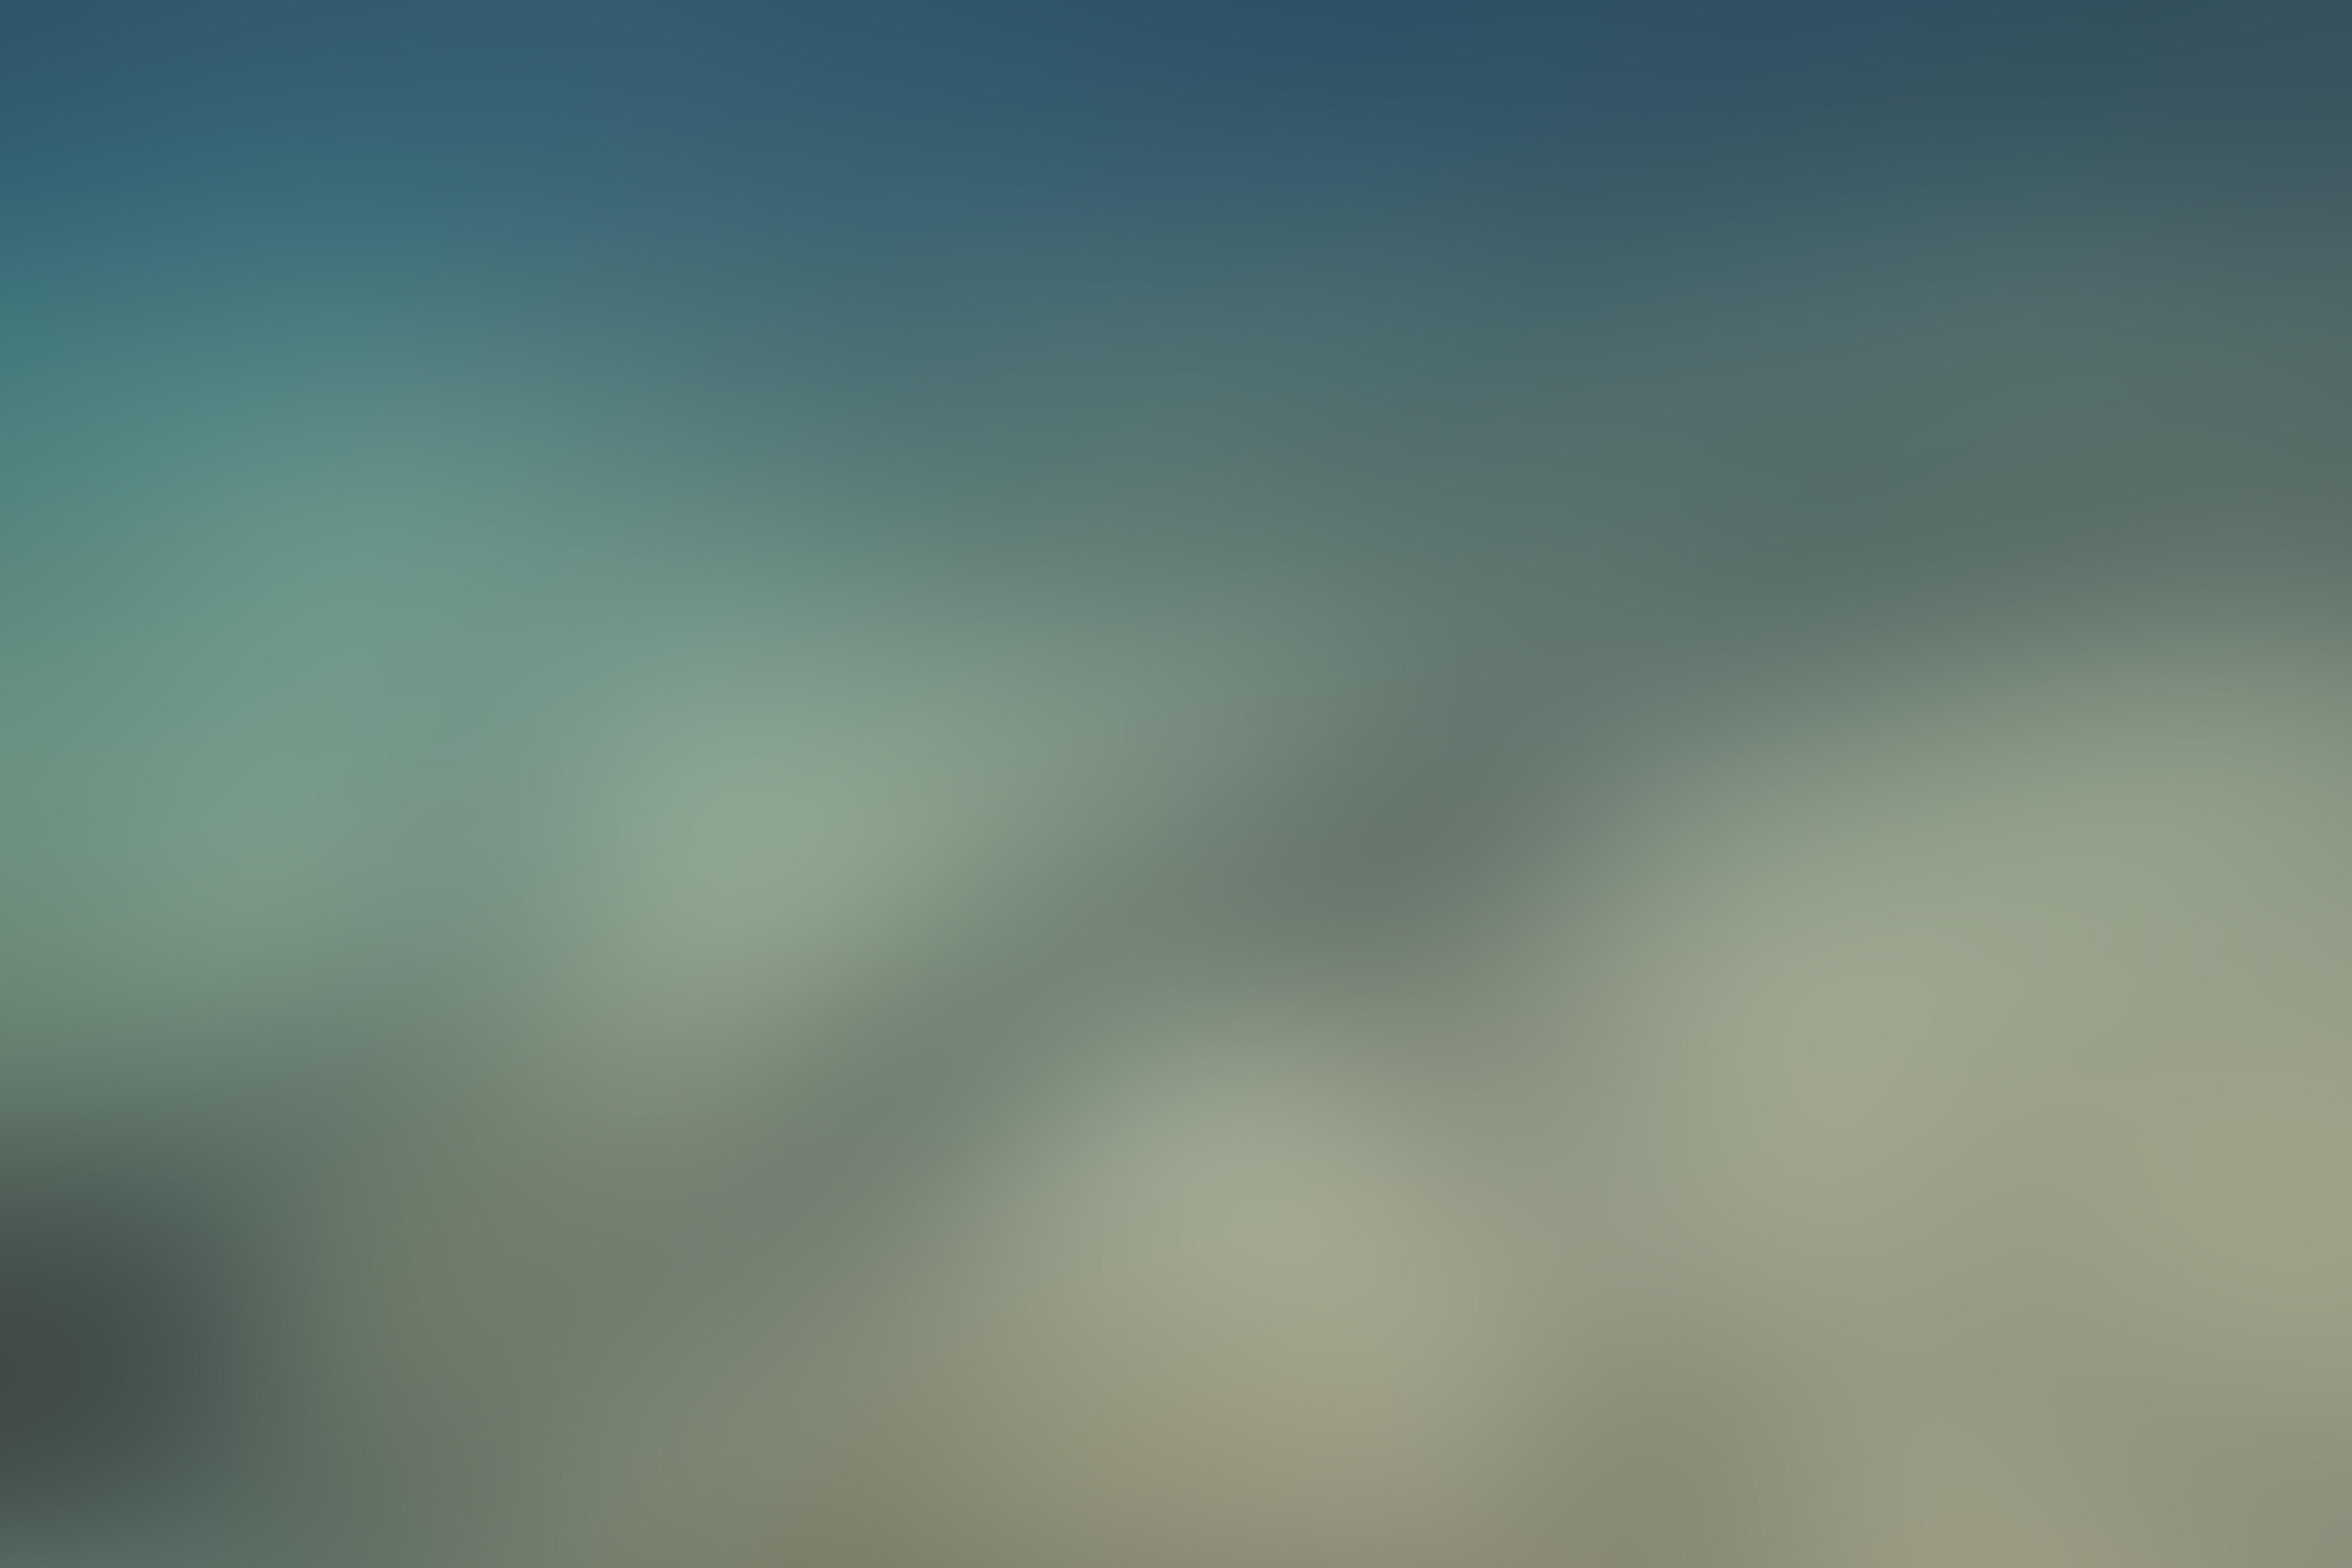 underwater-blurred-background